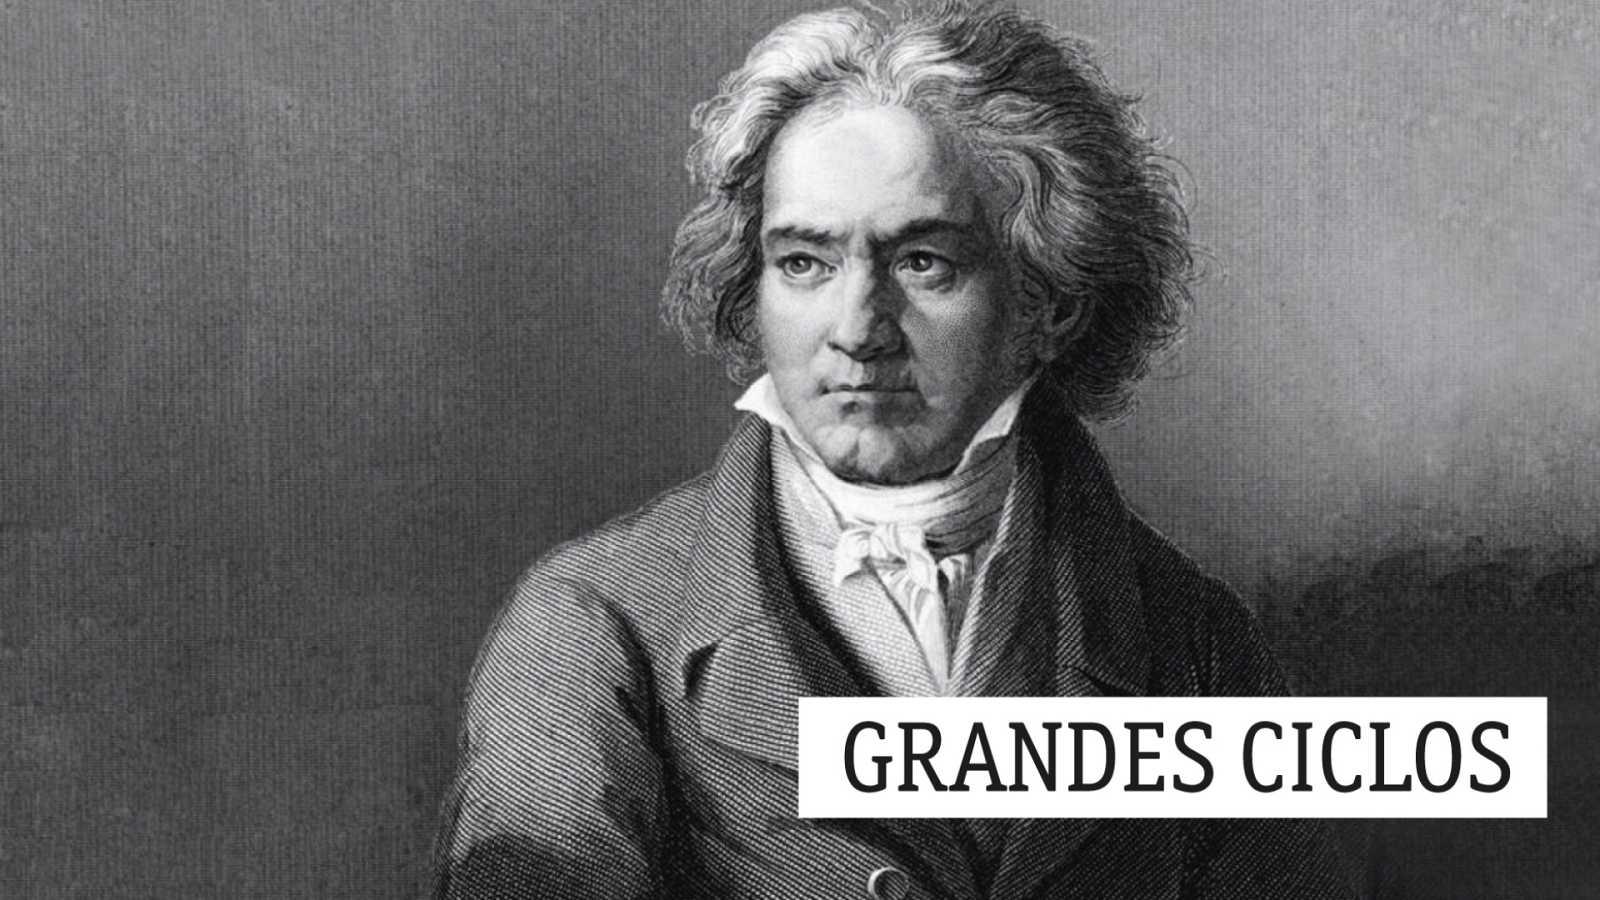 Grandes ciclos - L. van Beethoven (XXXIV): Una reverencia - 28/02/20 - escuchar ahora